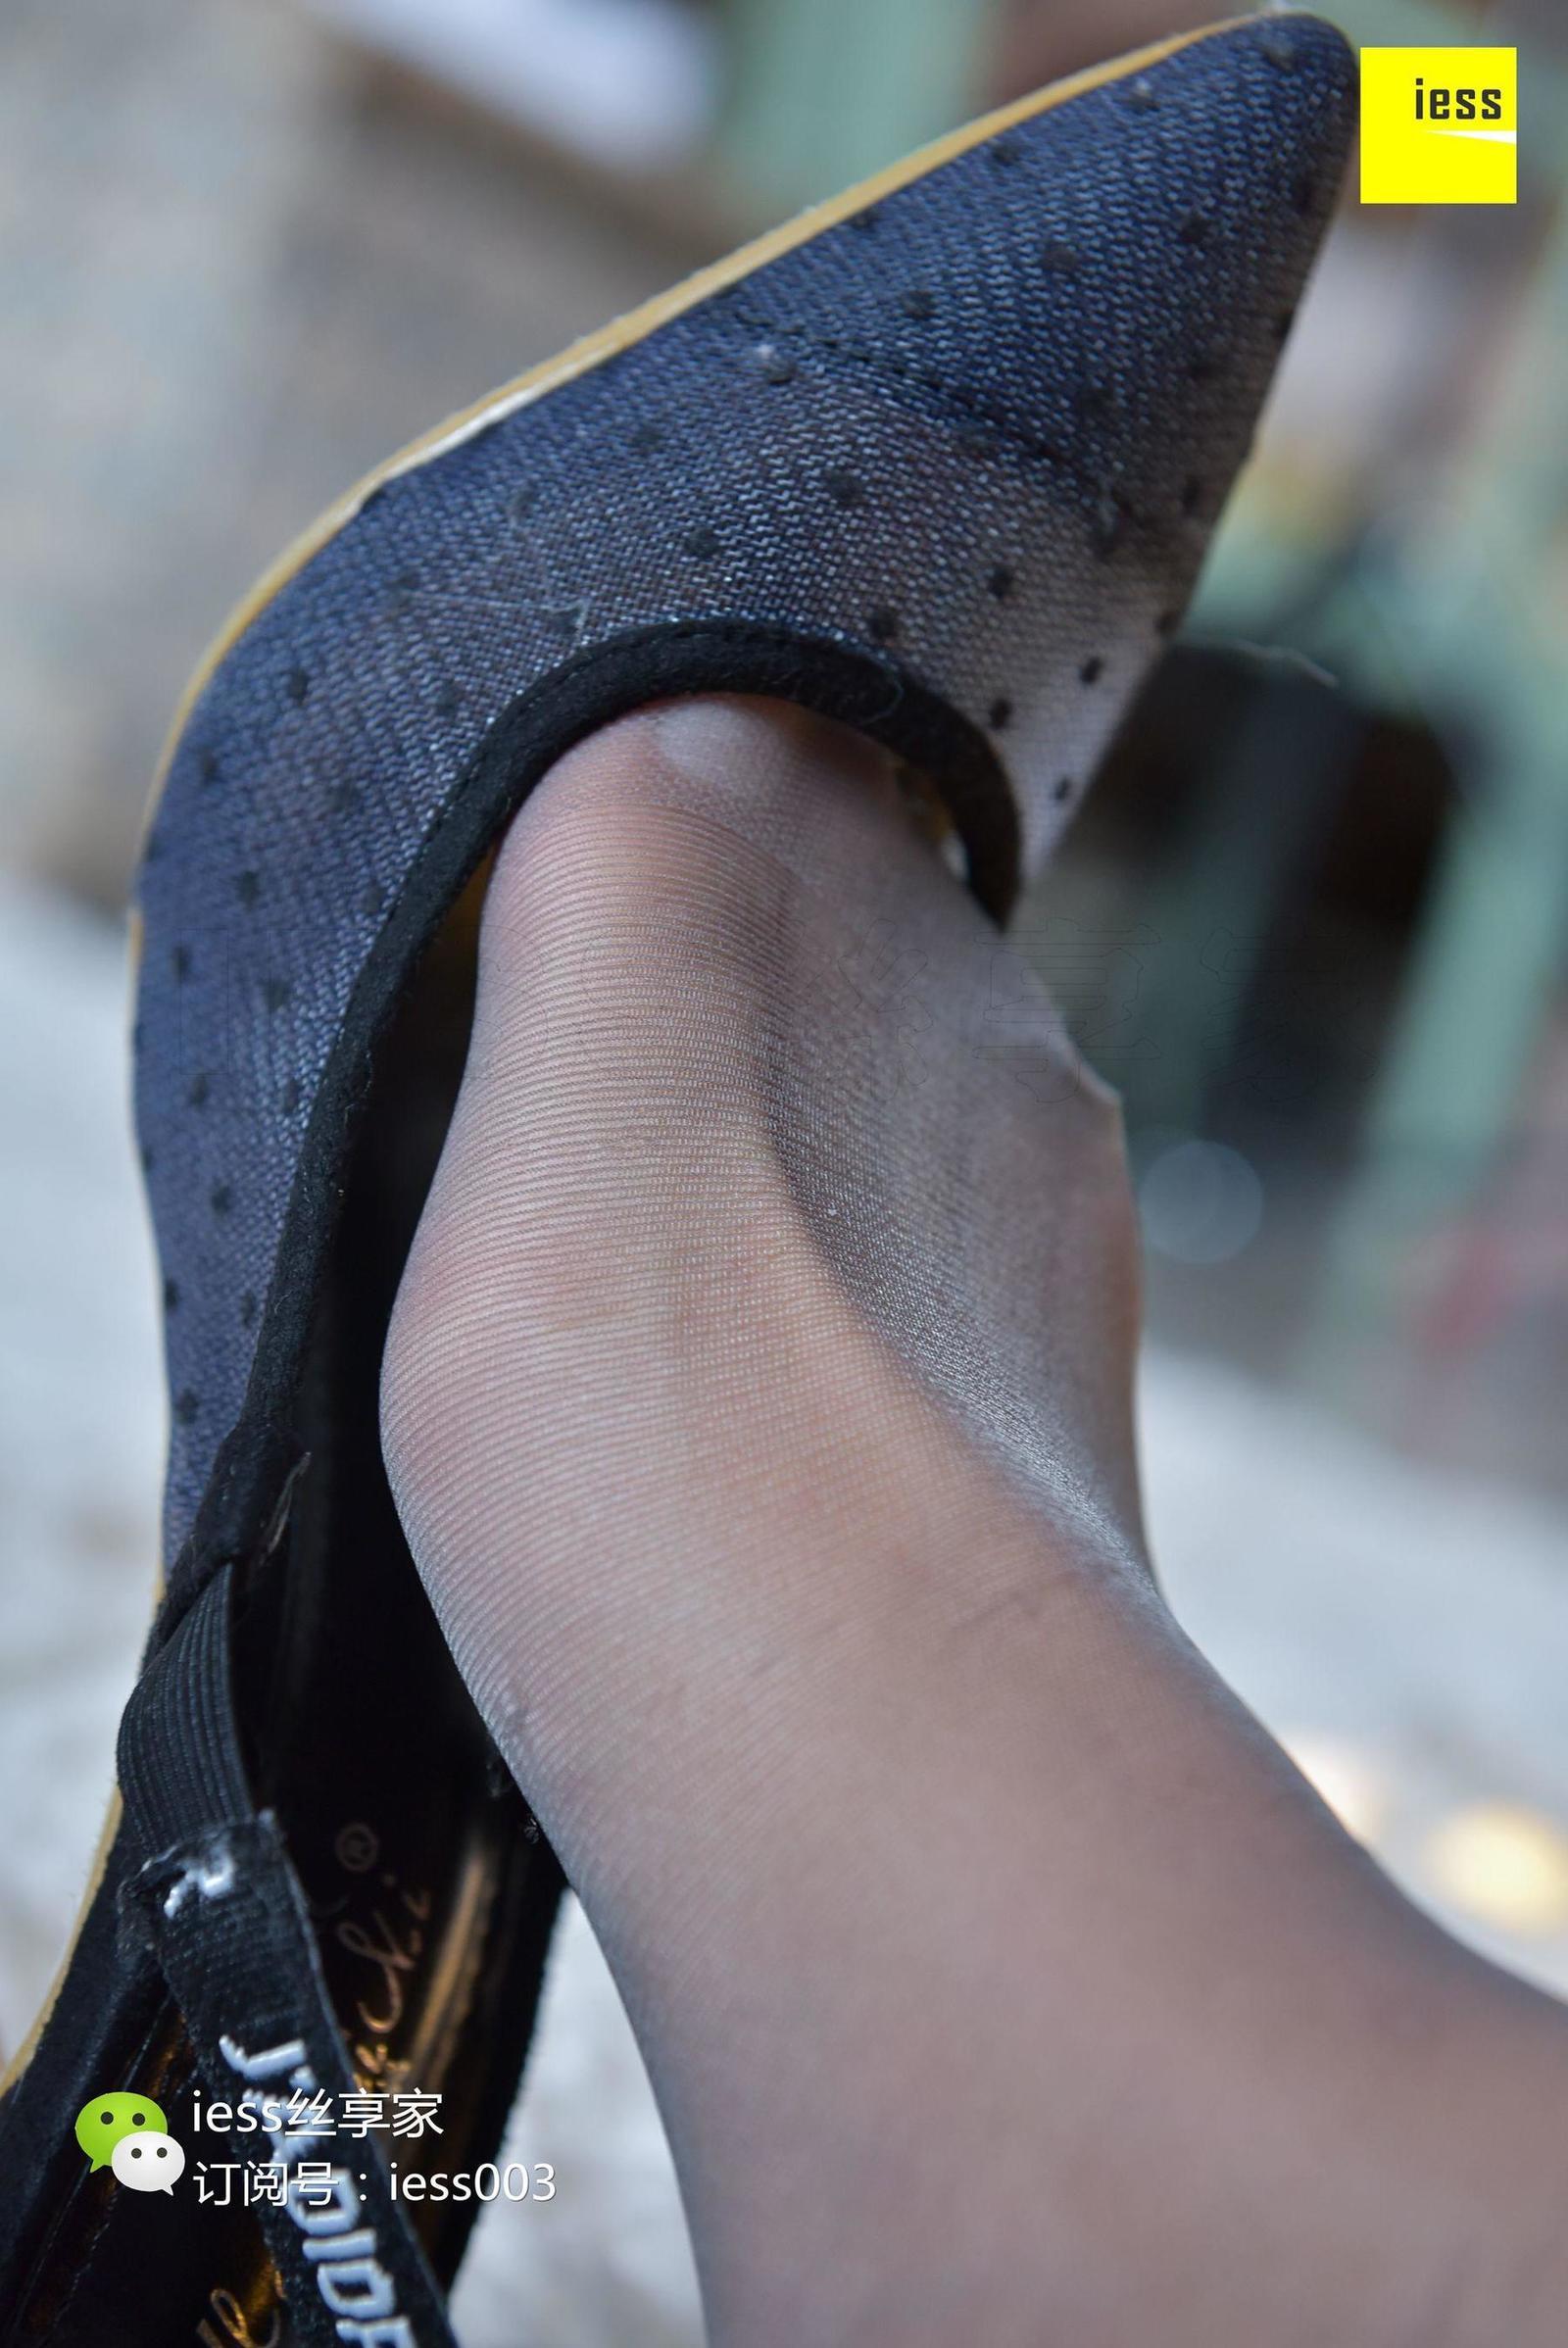 婉萍 《被缠绕的灰丝美脚》 丝足写真